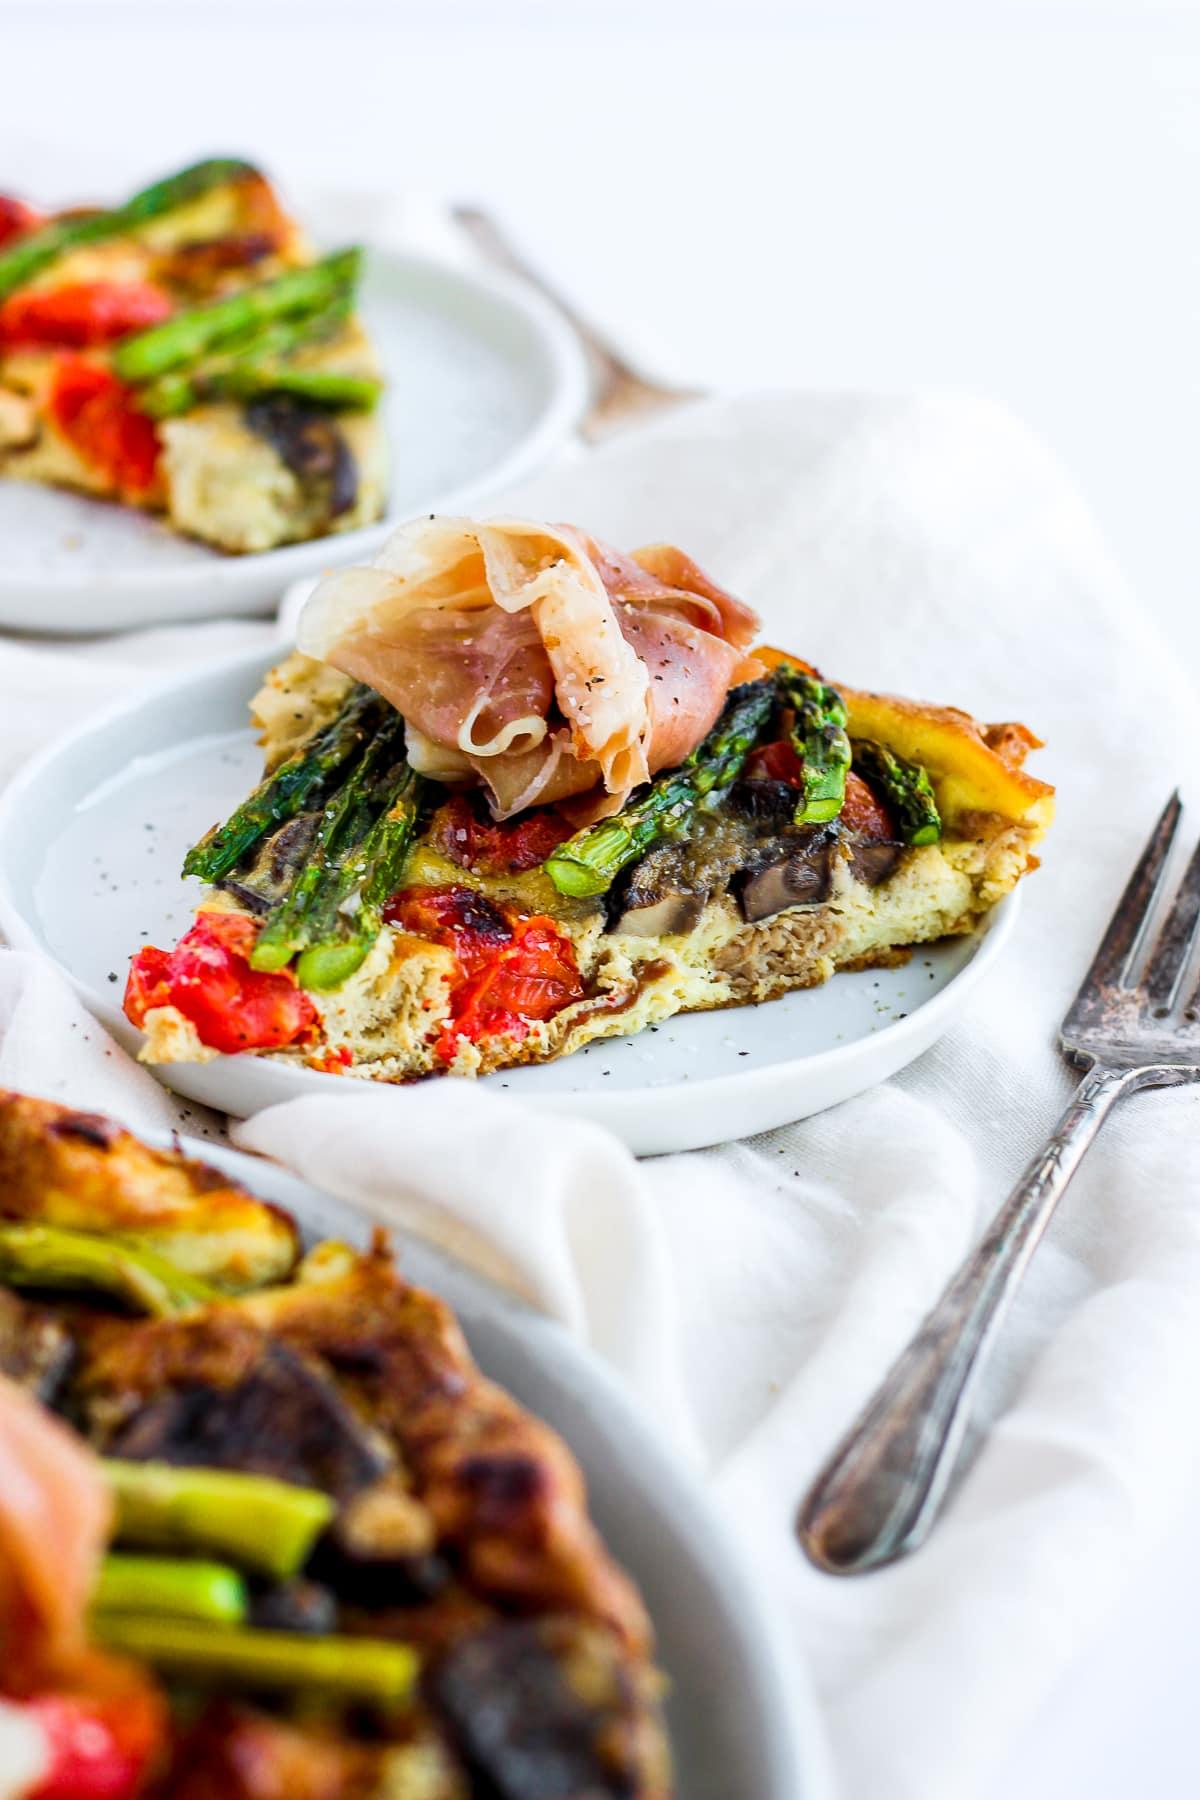 Creamy Prosciutto and Asparagus Frittata